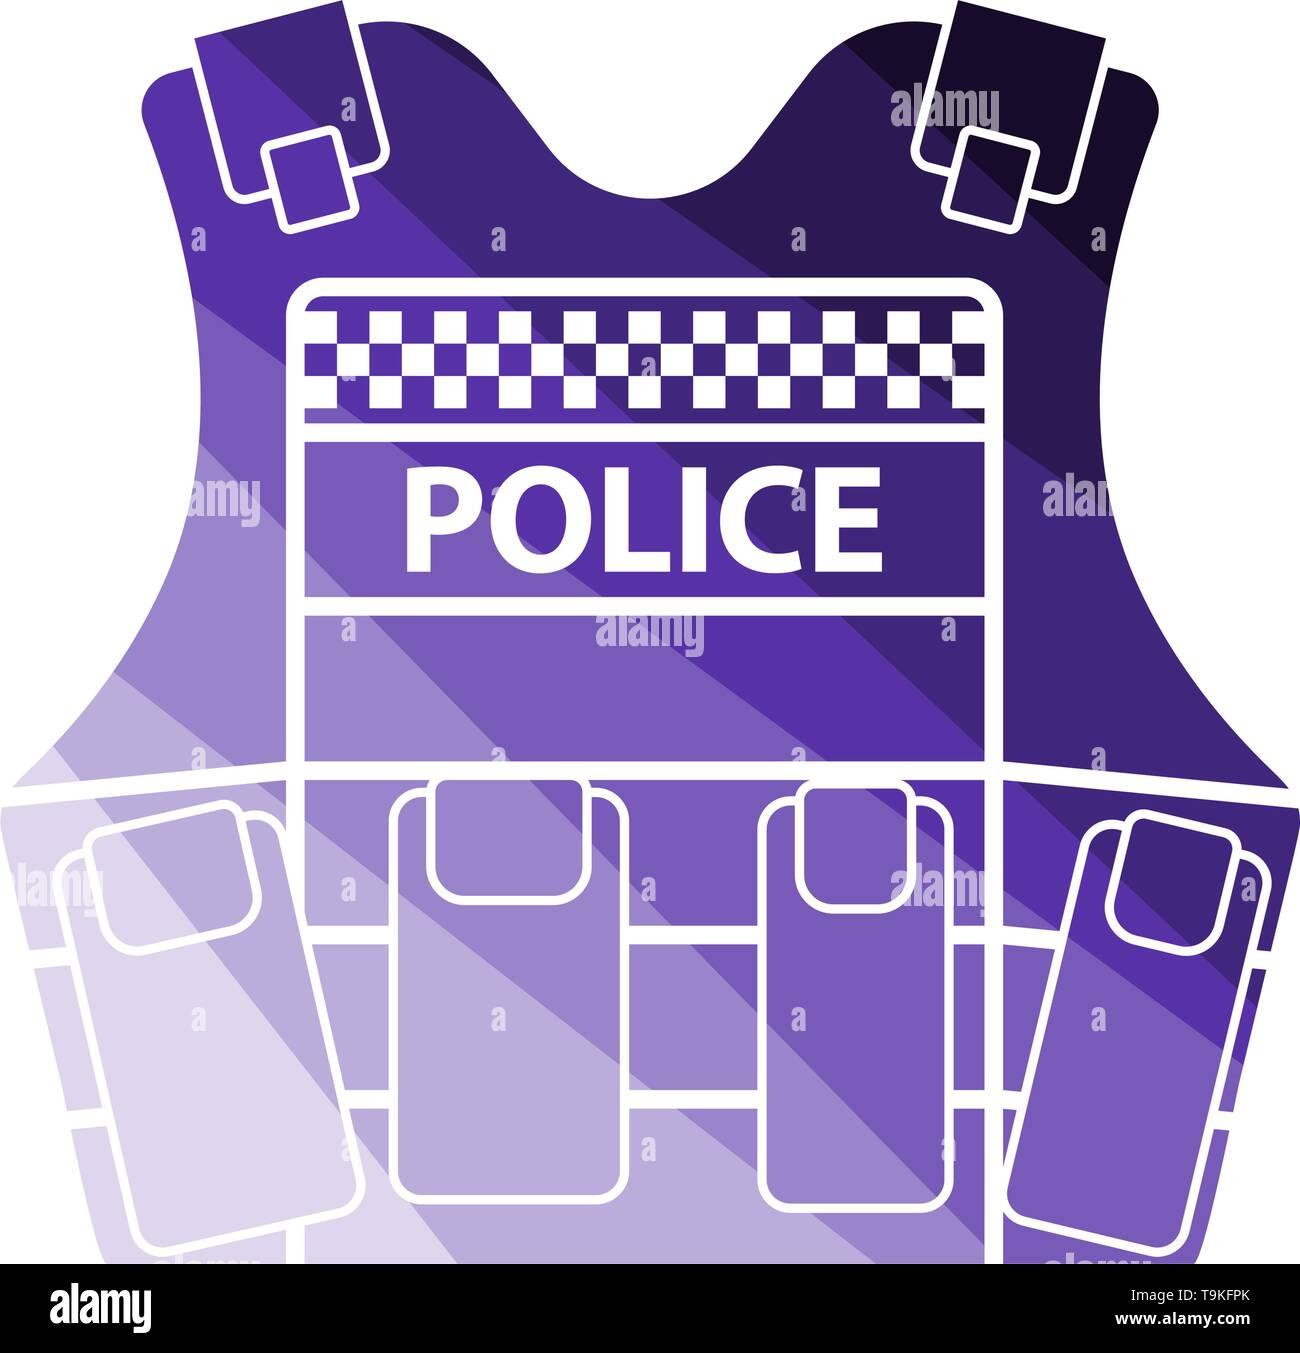 Police Vest Icon. Flat Color Ladder Design. Vector Illustration. - Stock Image